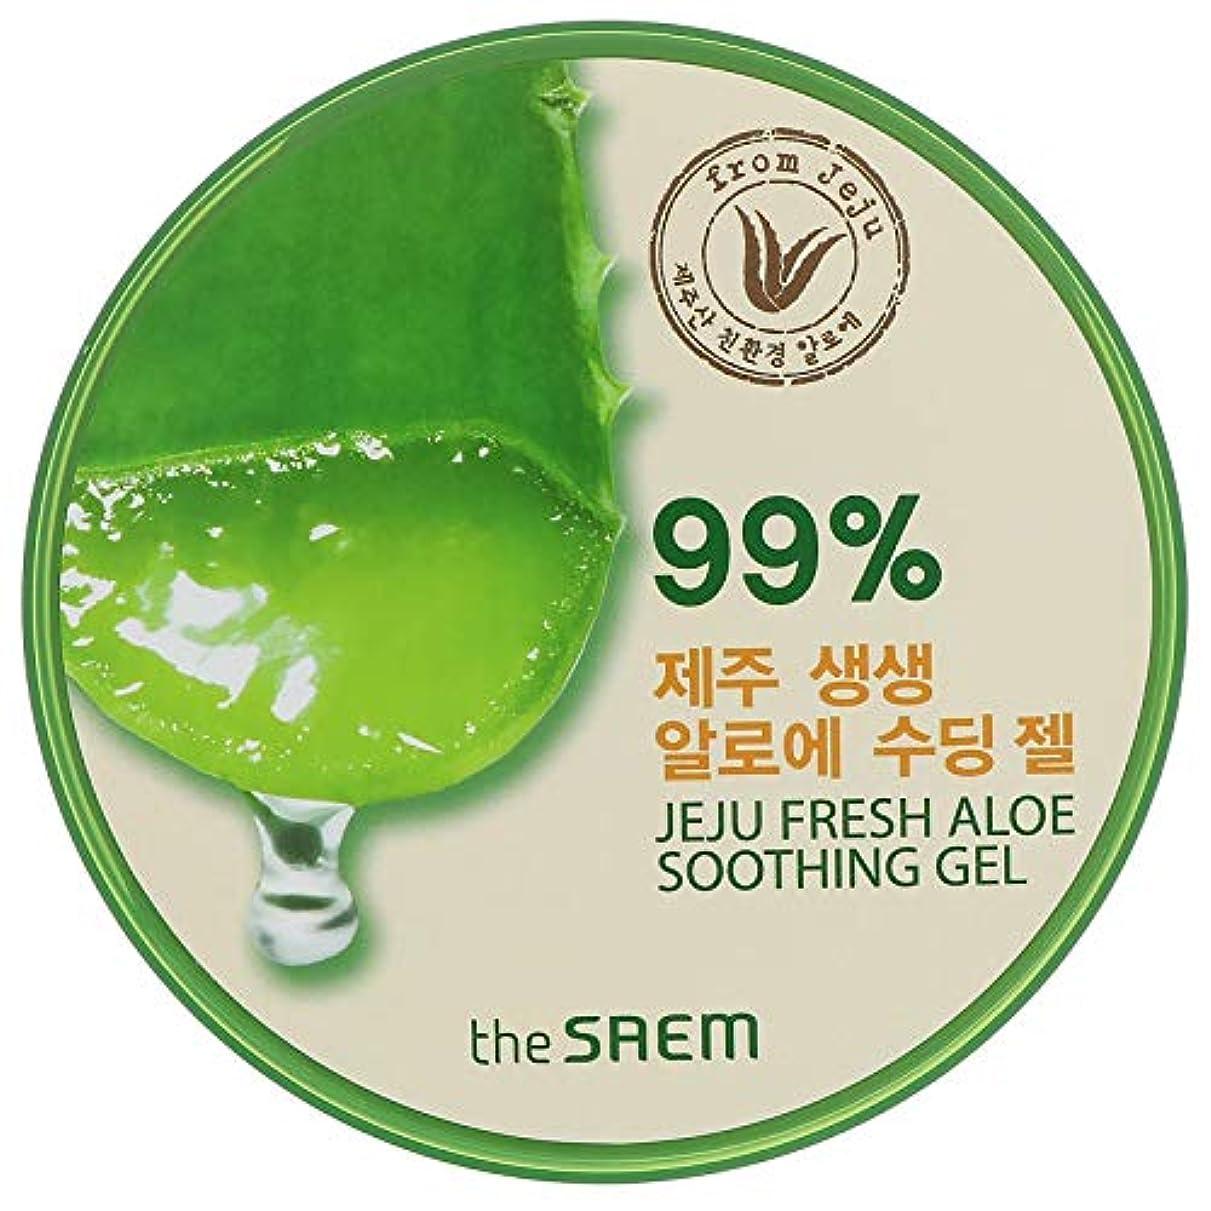 高くによって人種即日発送 【国内発送】ザセム アロエスーディングジェル99% 頭からつま先までしっとり The SAEM Jeju Fresh ALOE Soothing Gel 99%